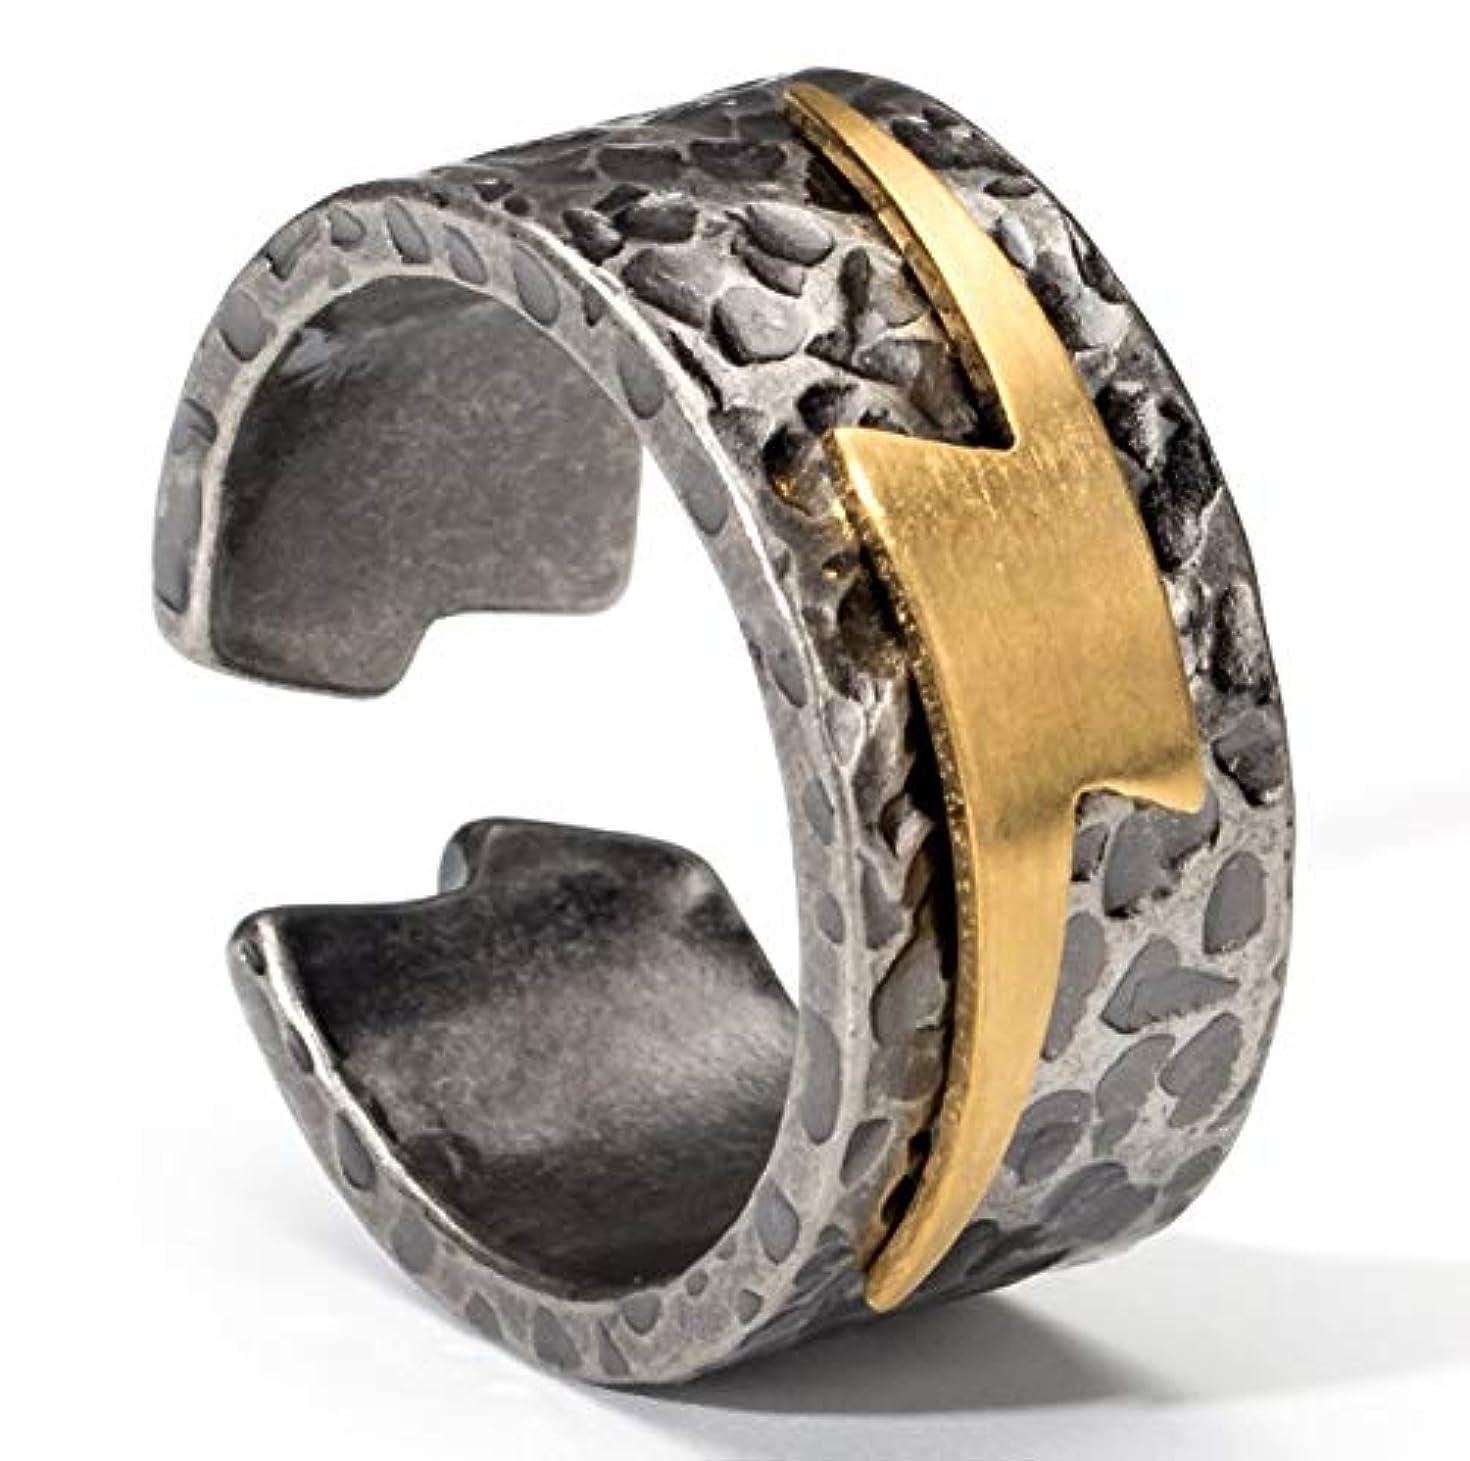 バッグガチョウ言い聞かせる男性と女性の銅指輪、ファッションパーソナリティ雷チタン鋼リング、カップルリングギフト (Design : 6#)